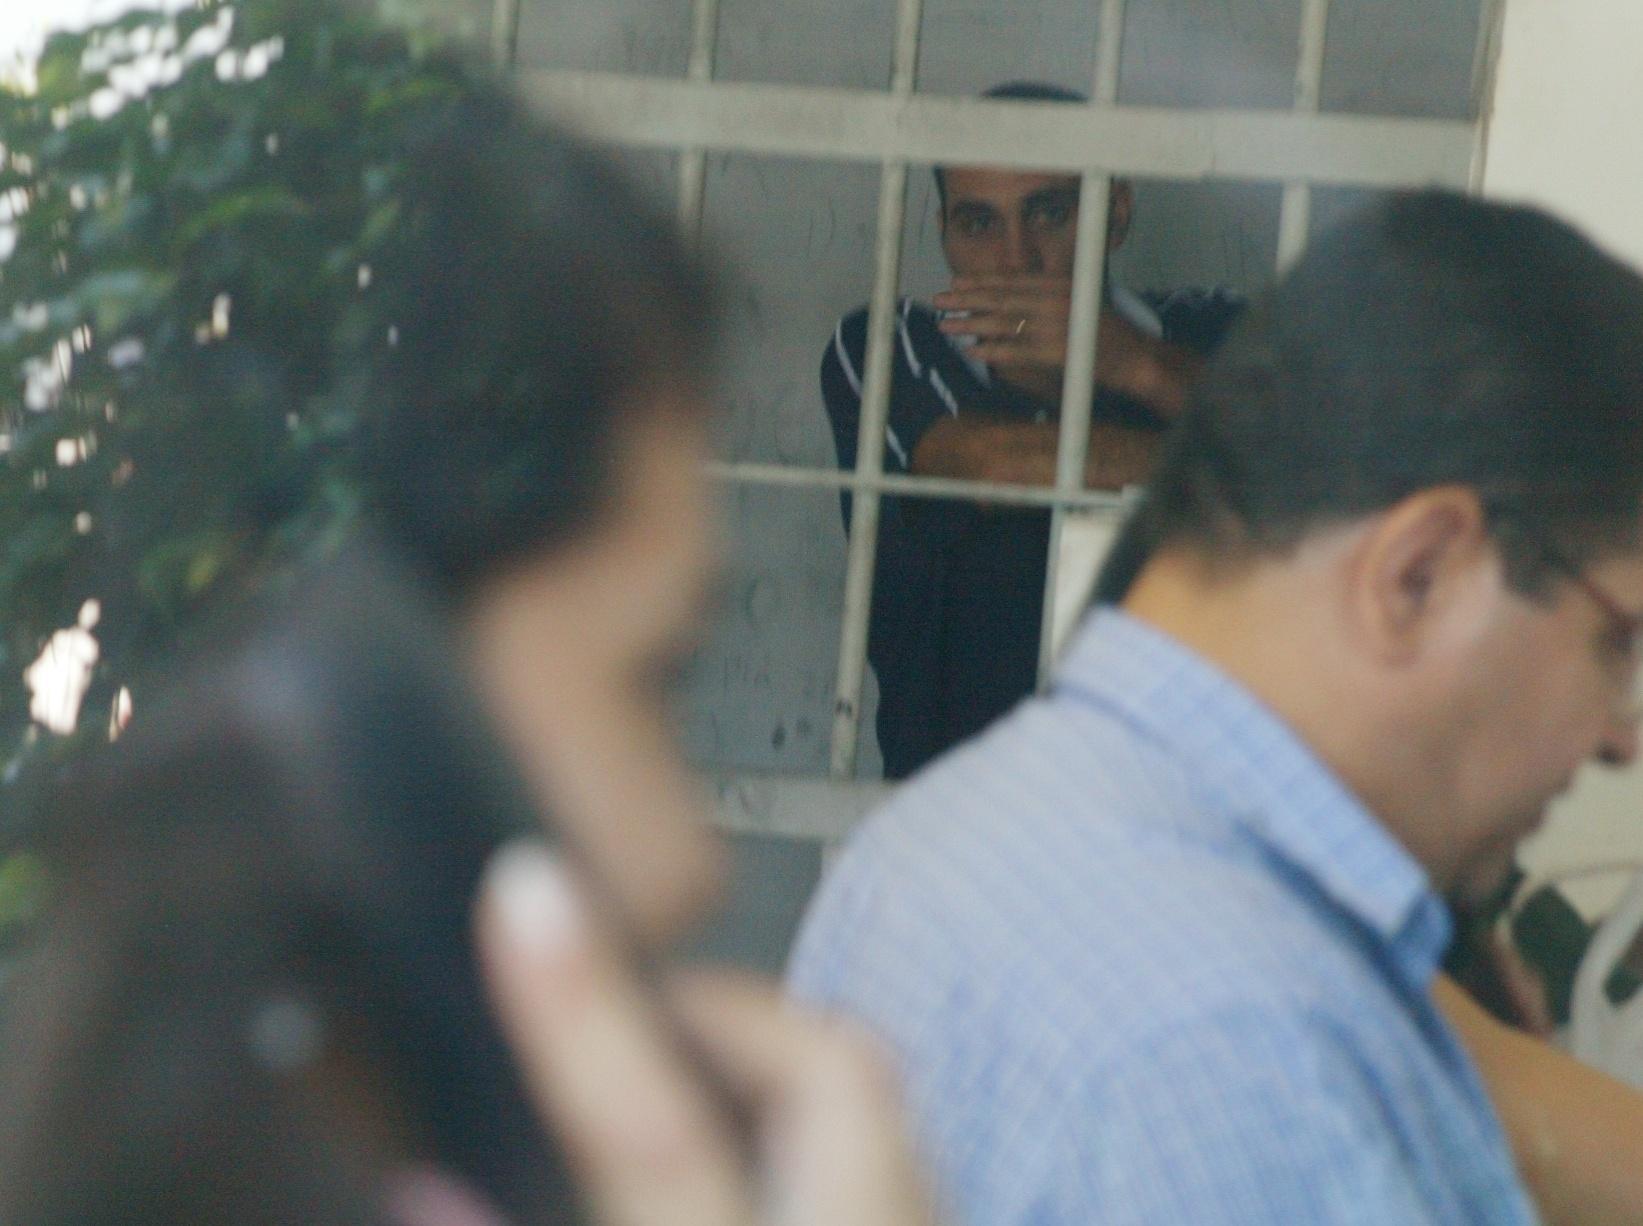 Desábato passou duas noites na prisão e só pôde voltar à Argentina depois de pagar fiança no valor de R$ 10 mil